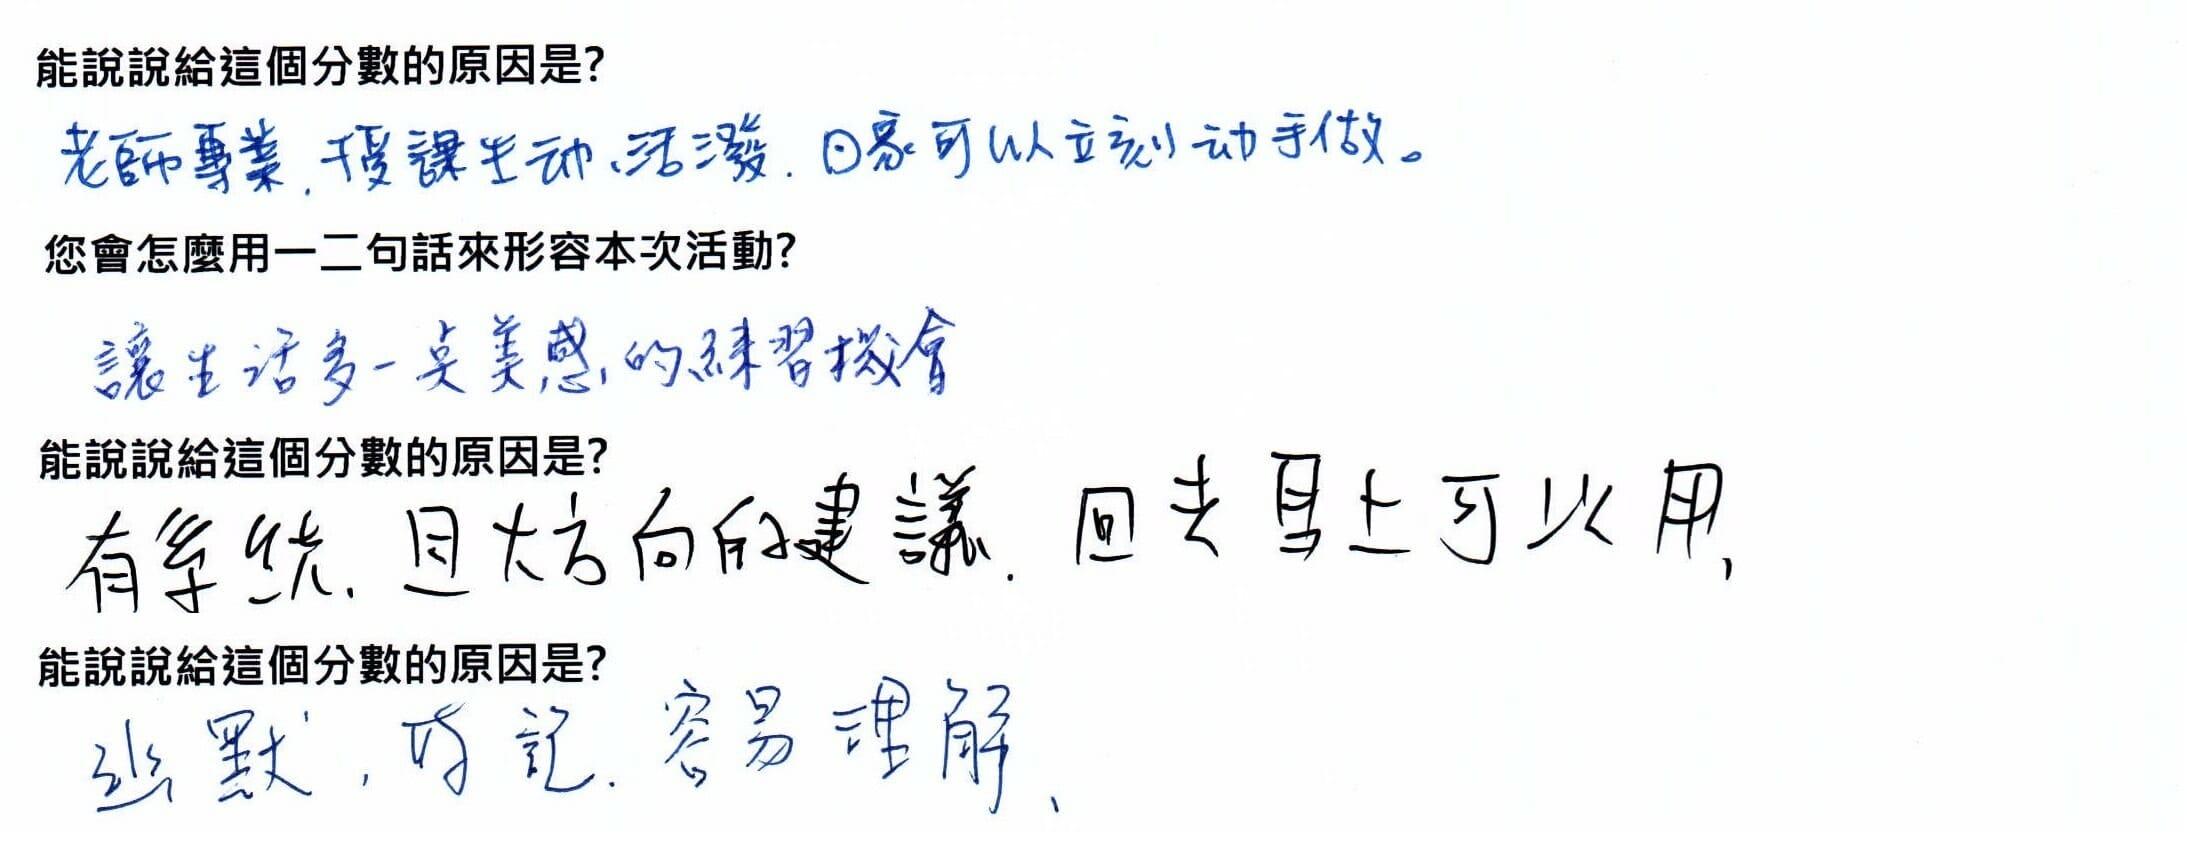 【輕佈置】臺中一班課程紀錄 3